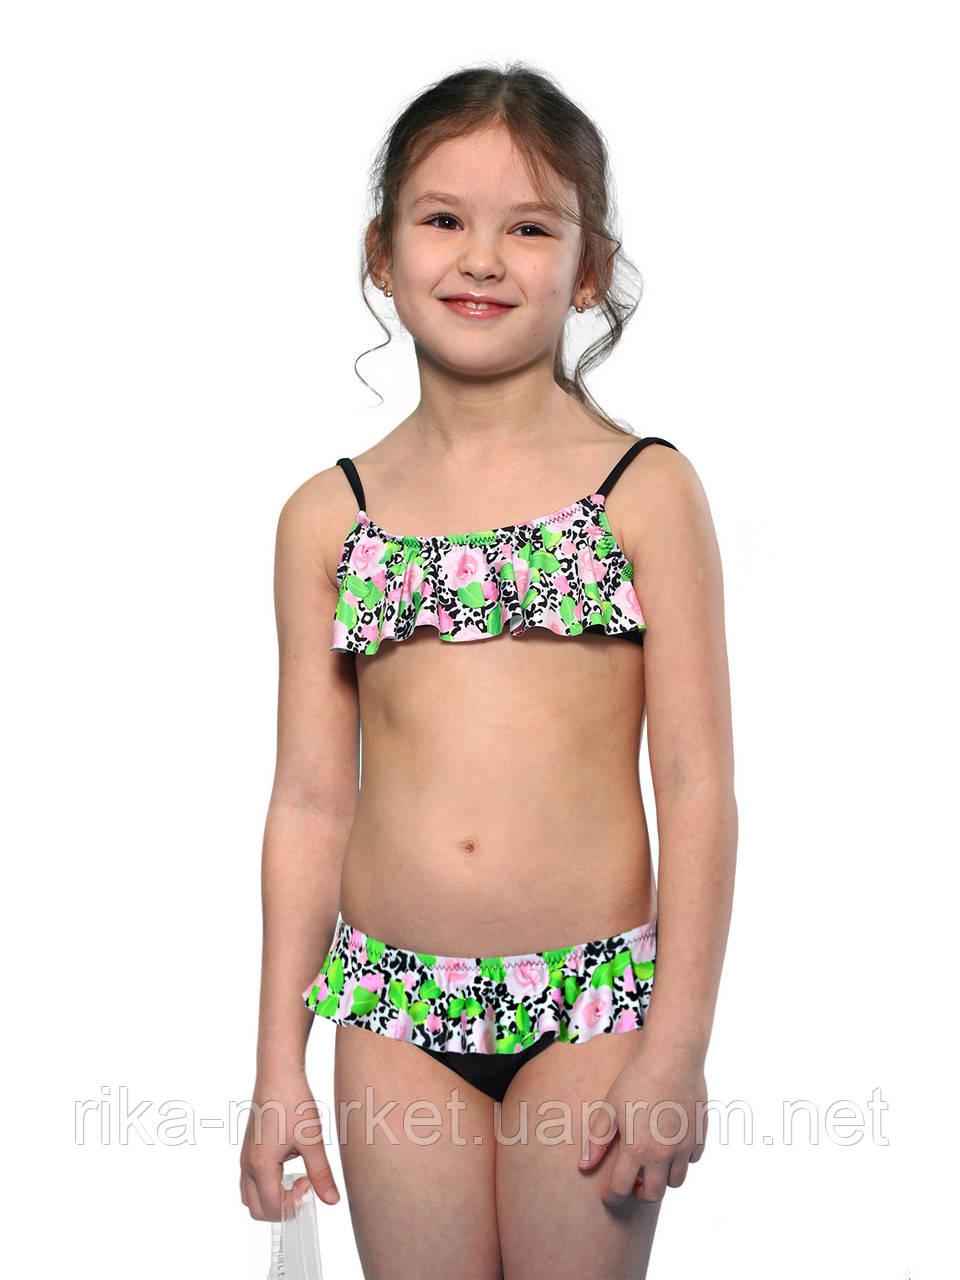 Раздельный купальник для девочки Keyzi, от 7 до 11 лет, Maja 20 2psc